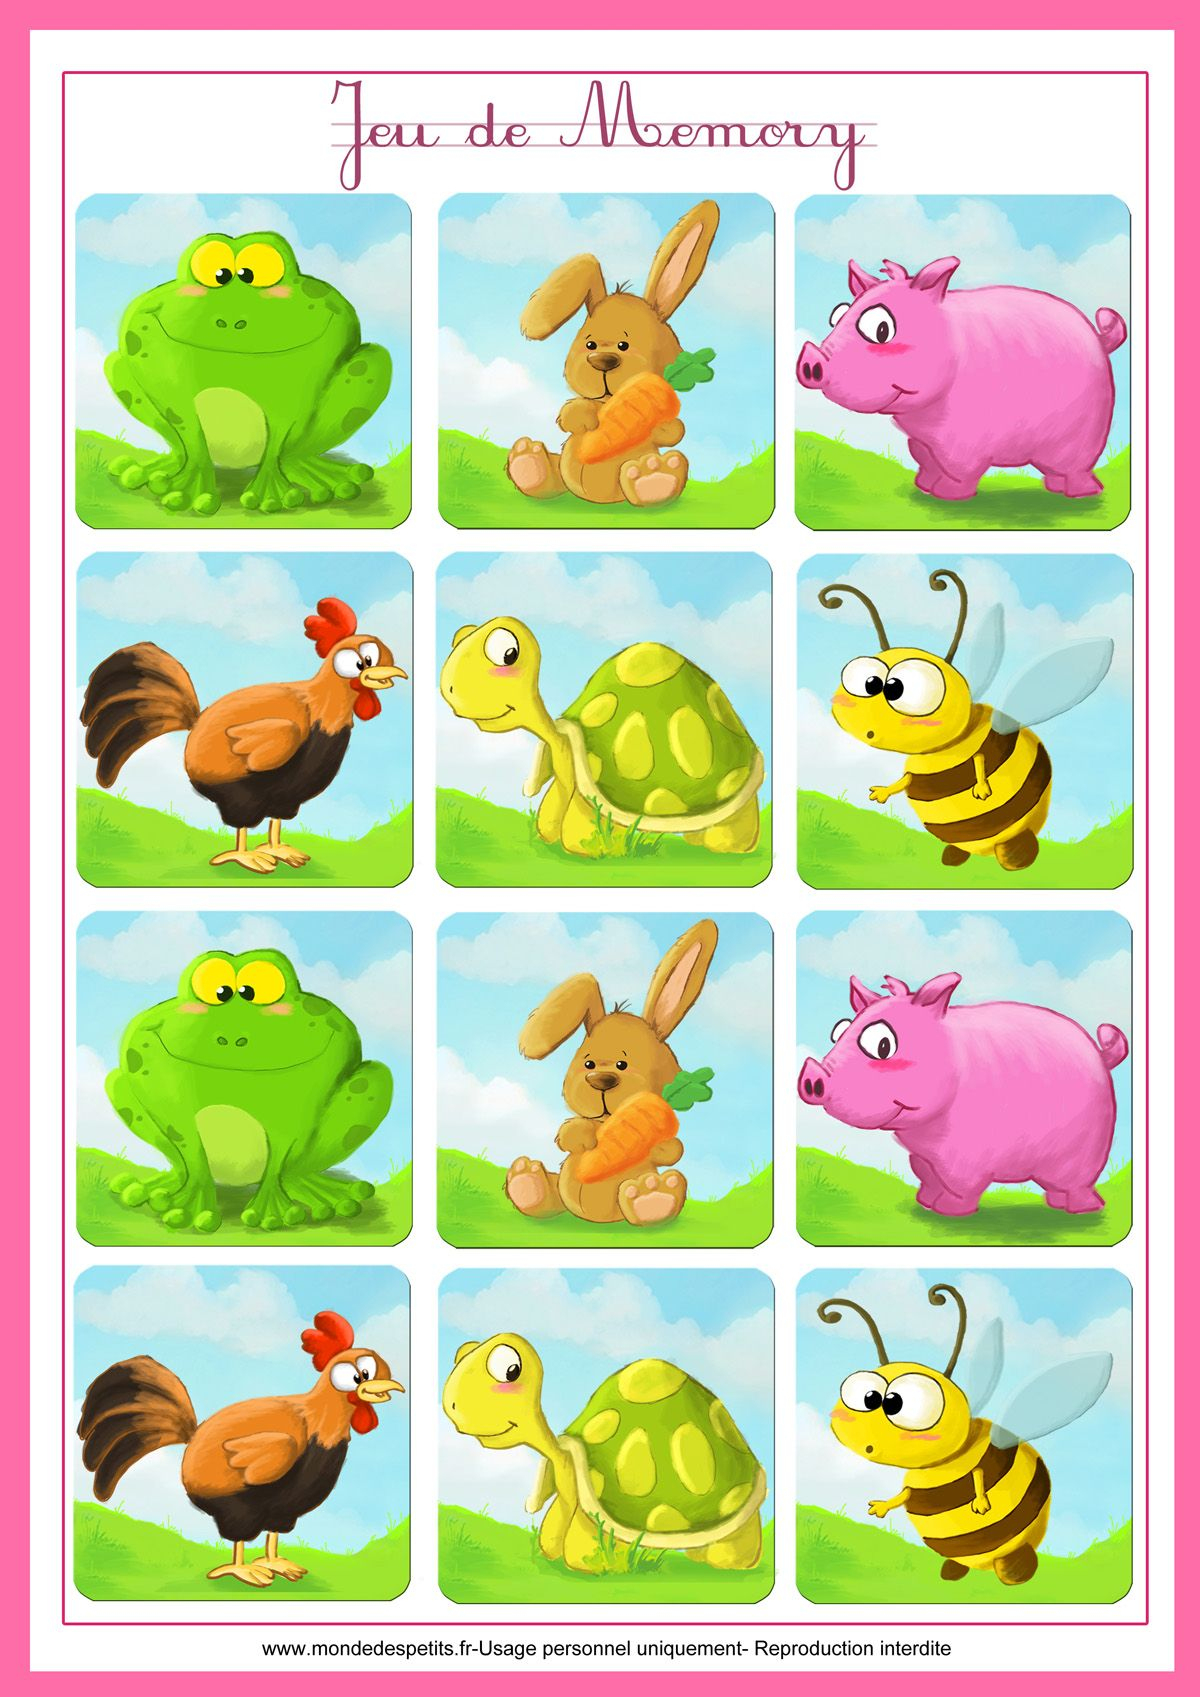 Jeu-Memory-Animaux-Imprimer 1 200×1 697 Пикс | Jeux De intérieur Jeux Pour Bebe De 3 Ans Gratuit